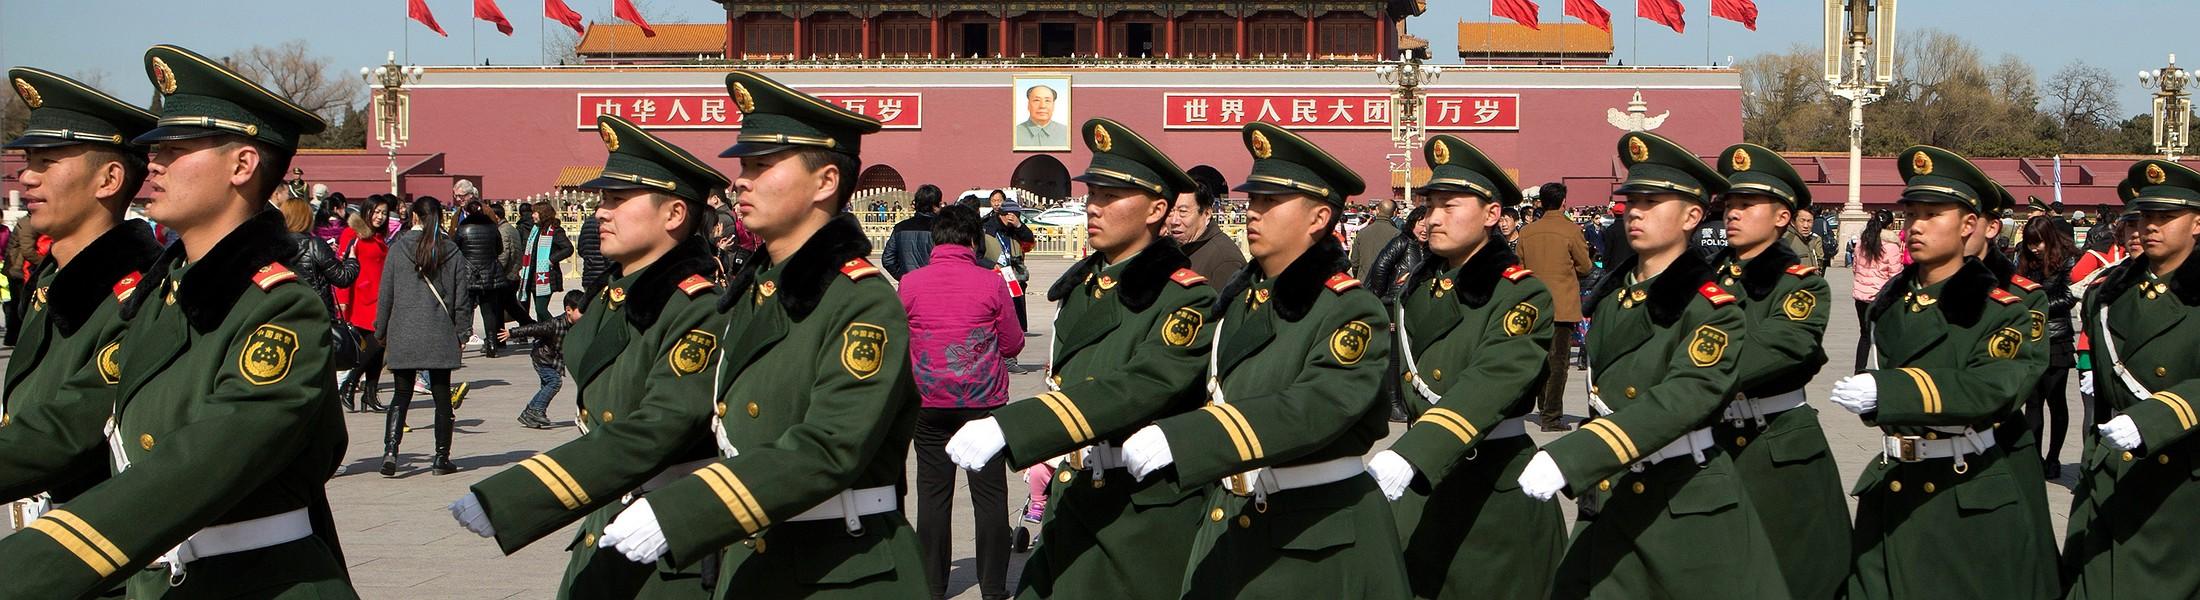 Индекс репрессий как новое мерило китайской экономики